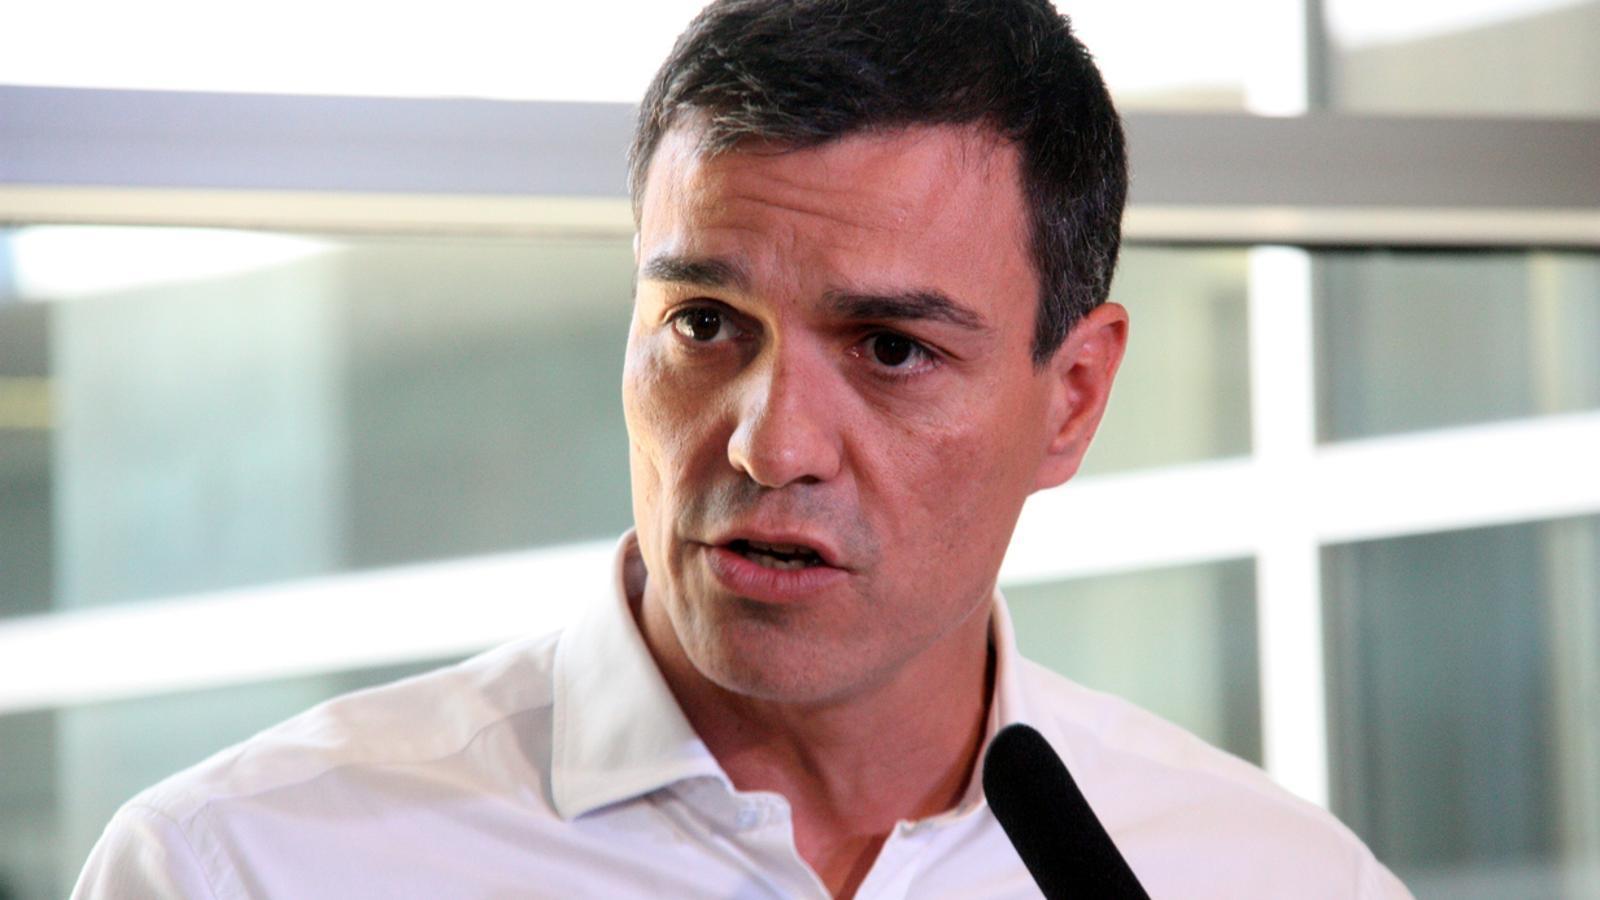 El PSOE continua per davant del PP, frec a frec amb Cs i Podem, segons el CIS